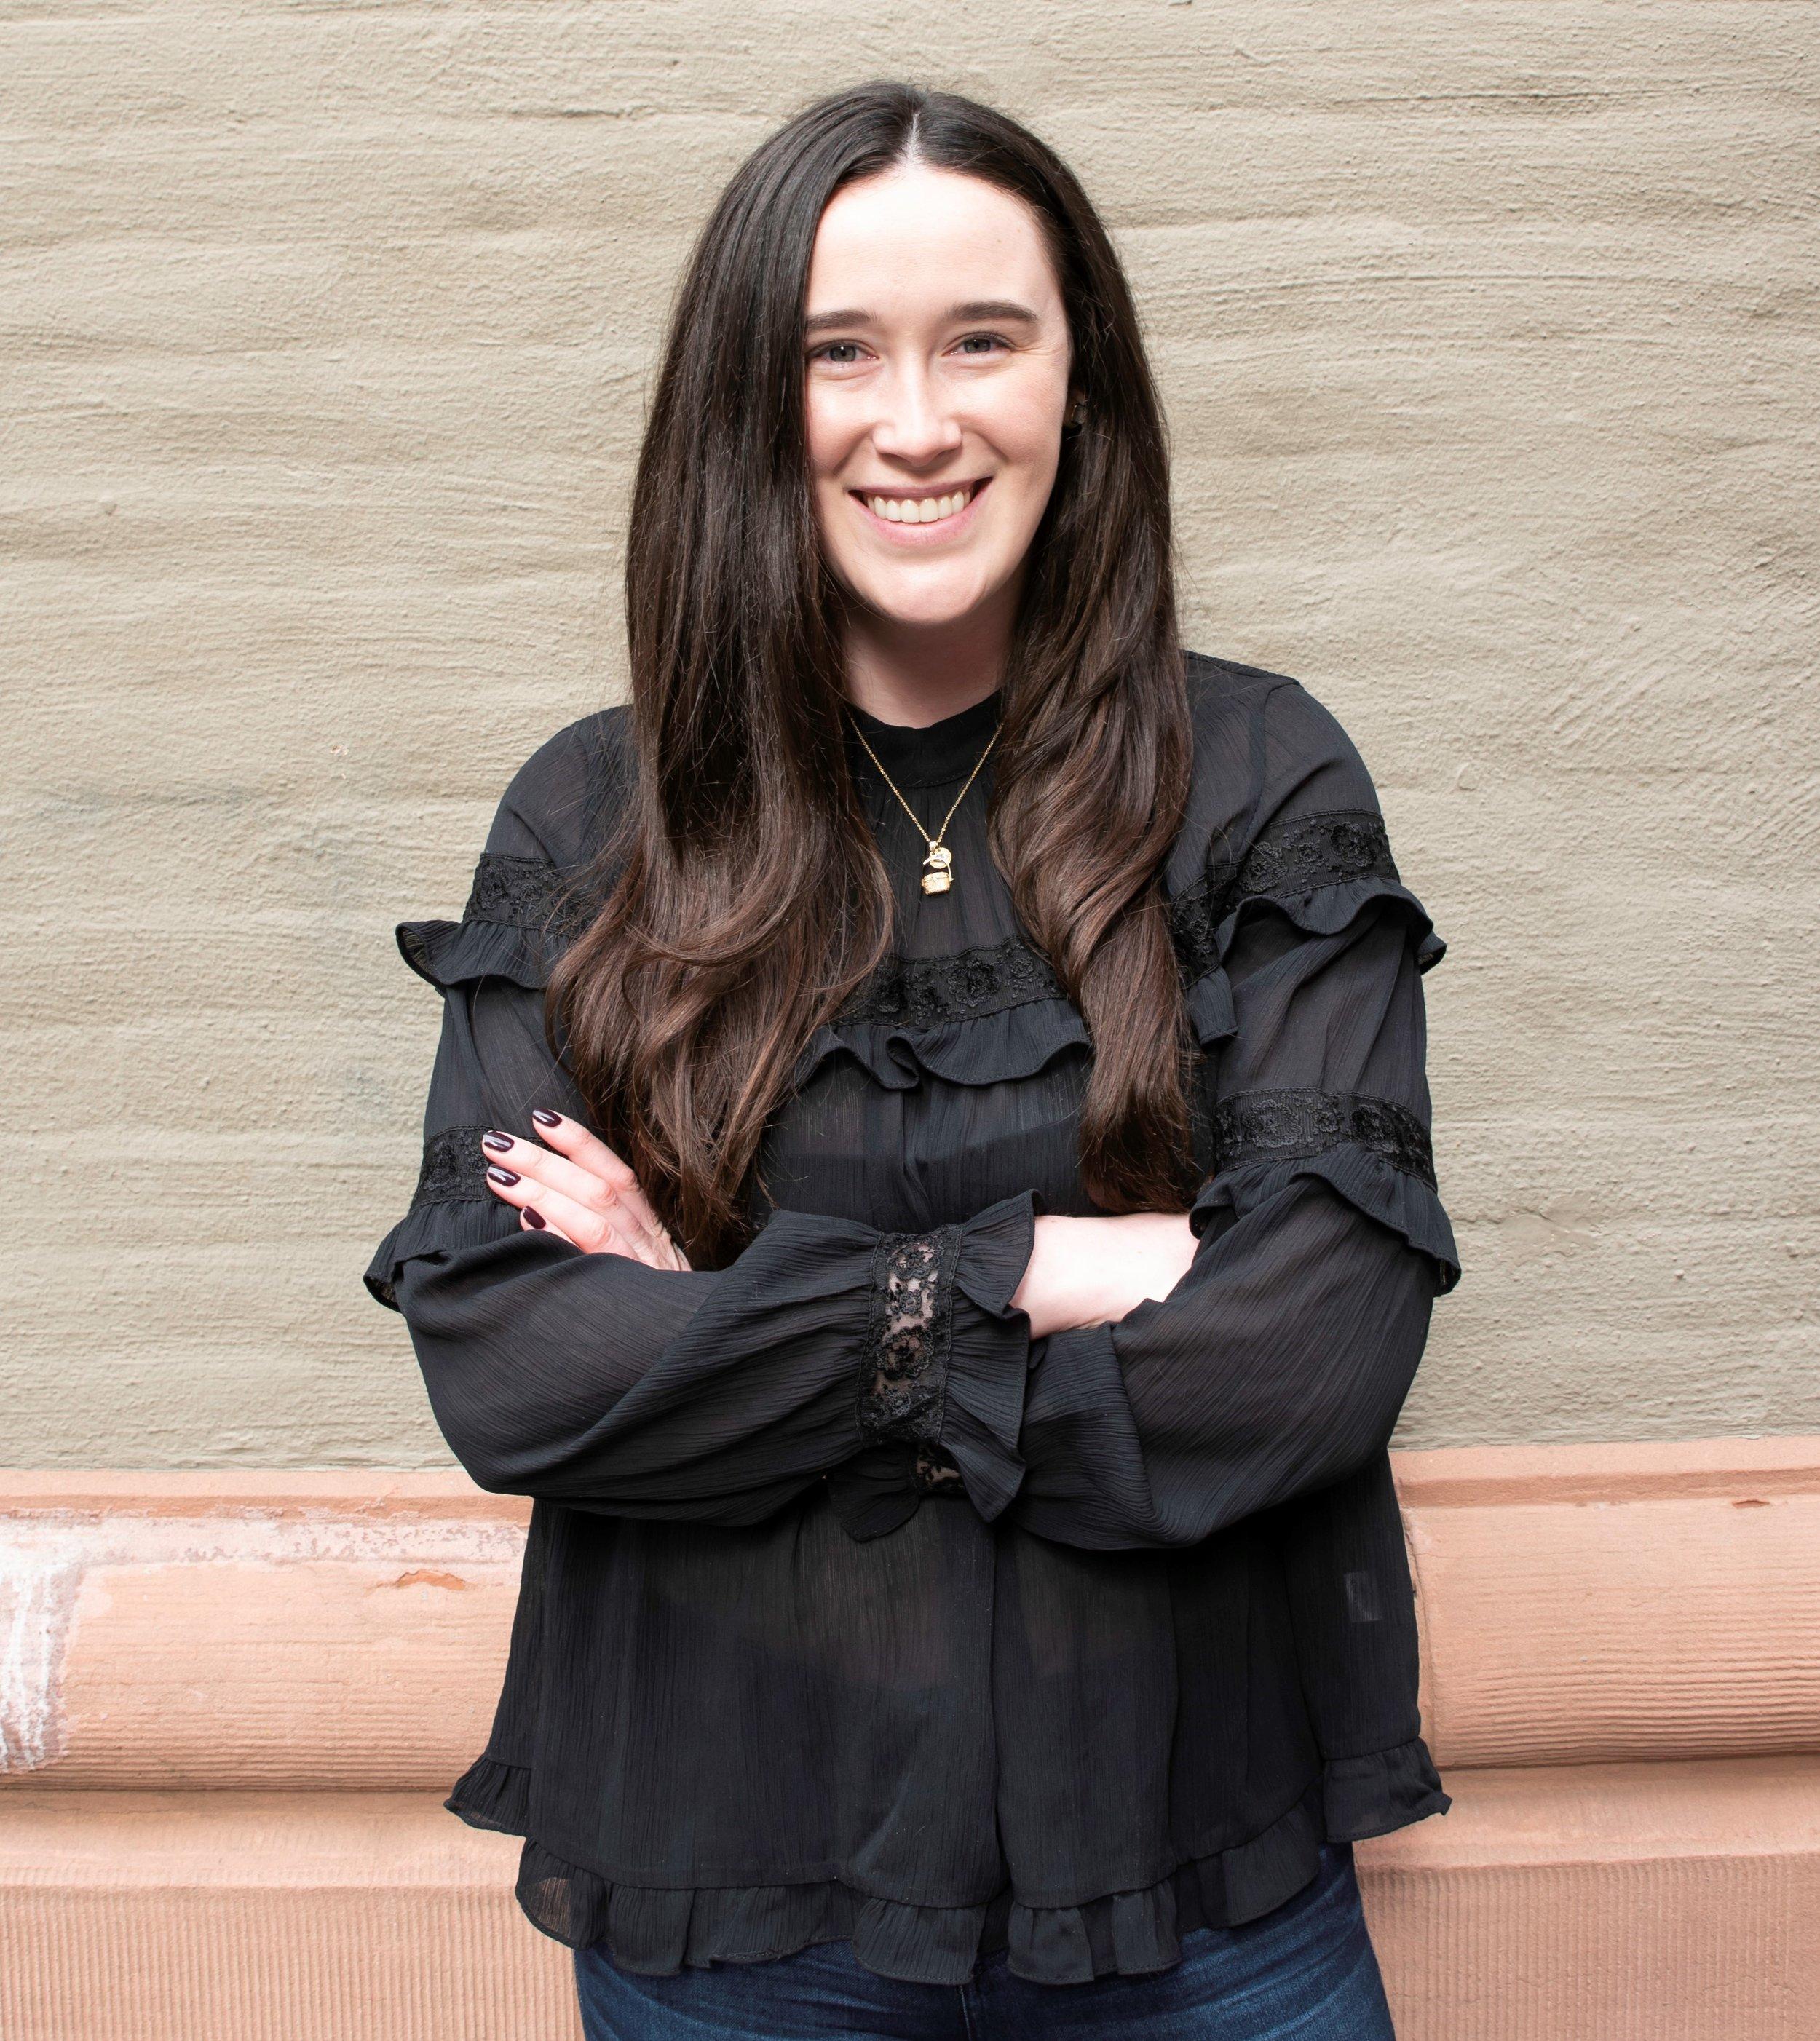 Tracey Hummel - Founder, Bee & Kin Smart Handbags